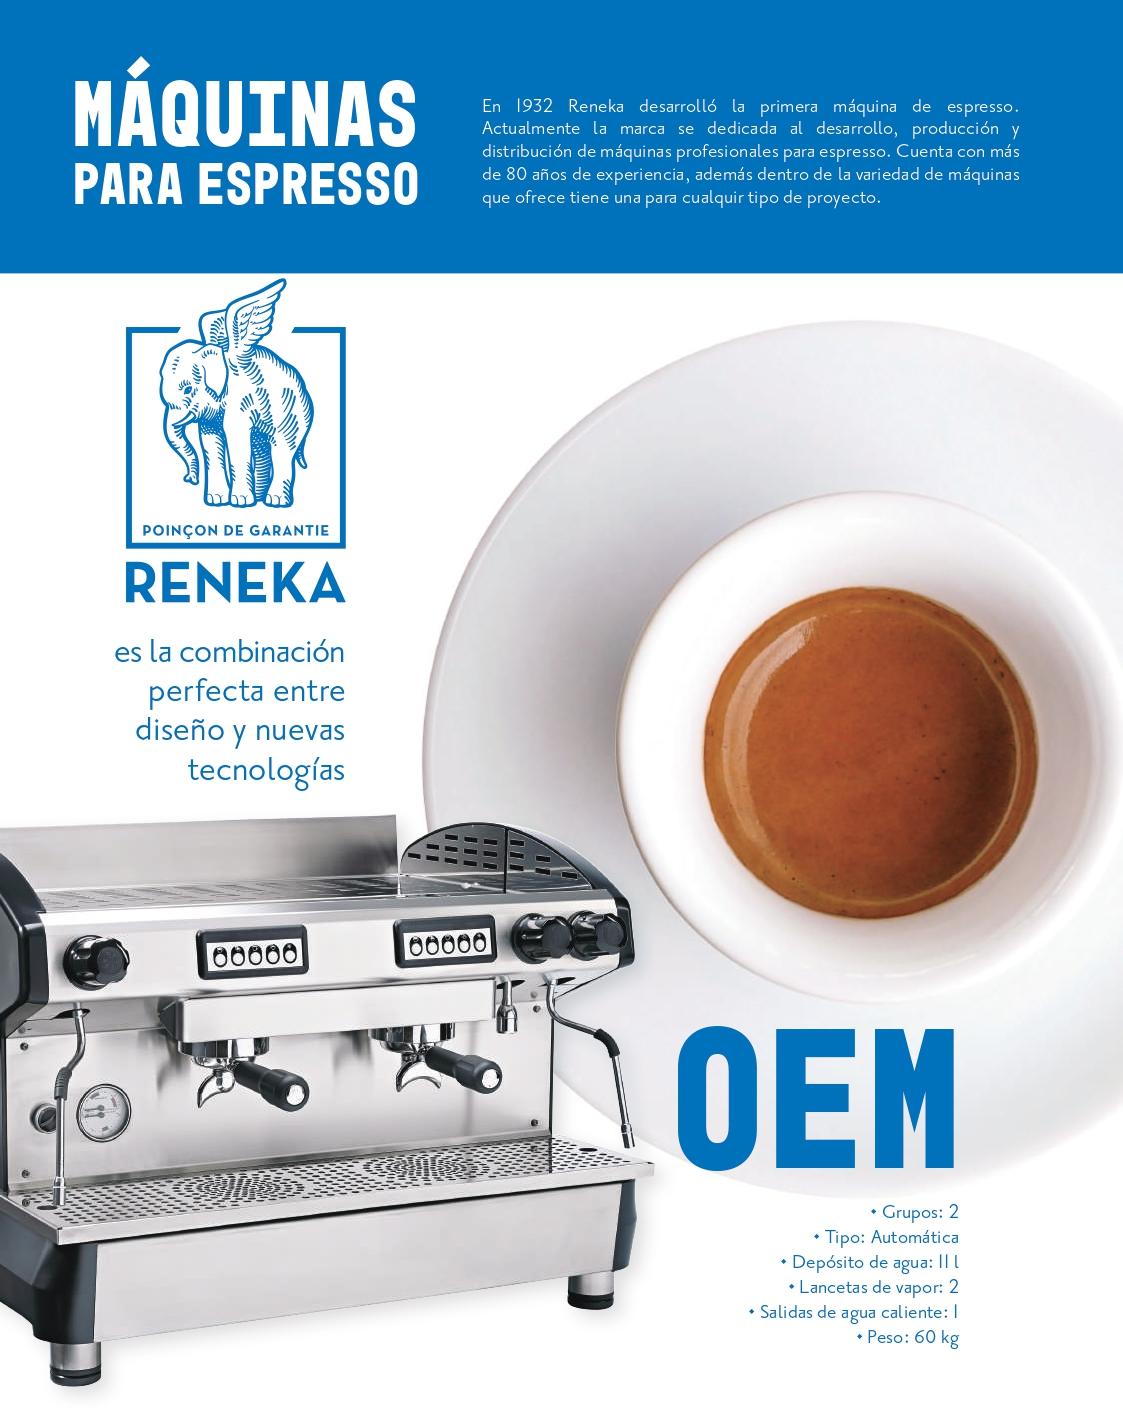 Maquinas de espresso